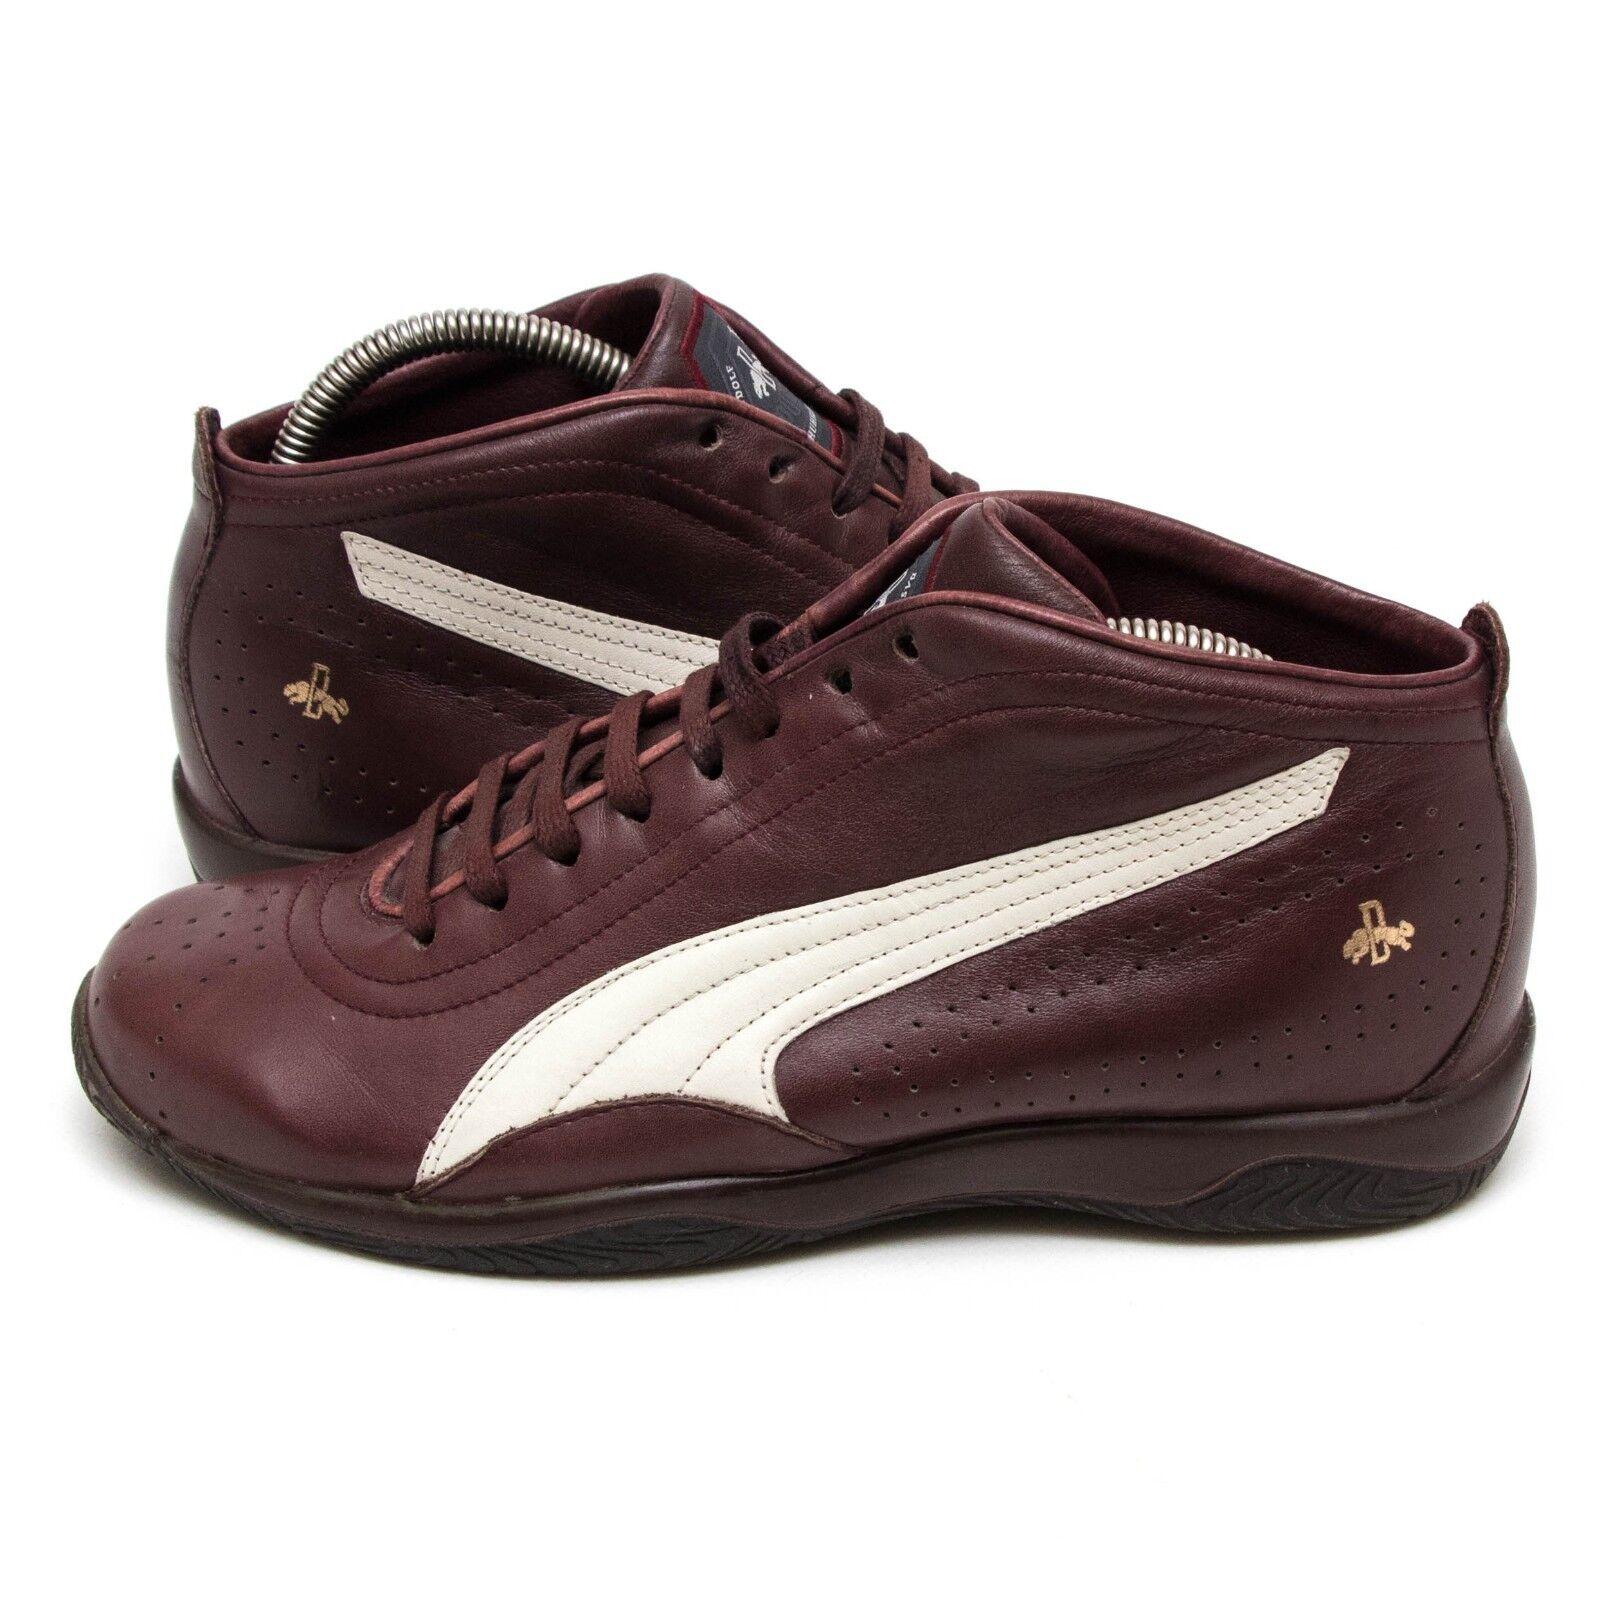 braune Puma Schuhe Gr. UK 9 *gebraucht, aber gut erhalten